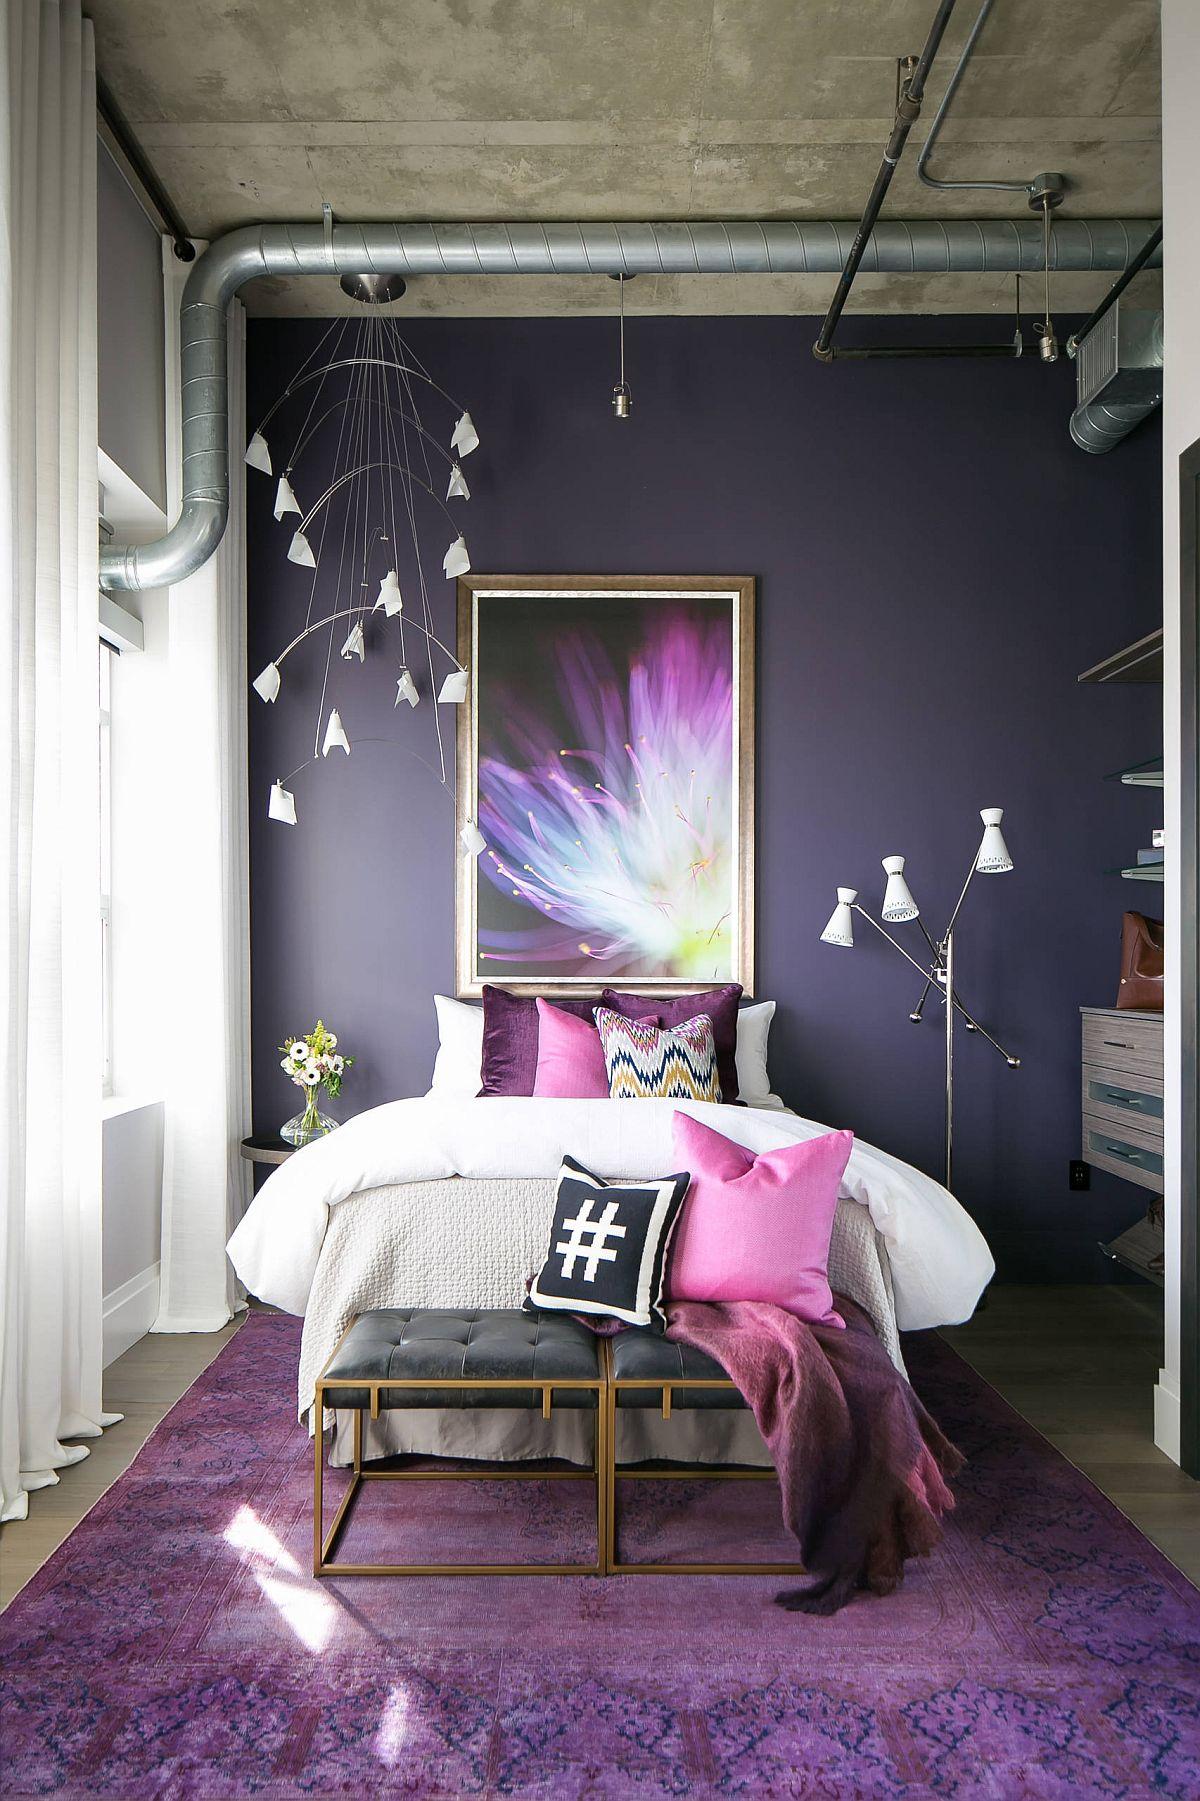 Trần bê tông và các đường ống dẫn lộ ra ngoài mang lại vẻ đẹp công nghiệp cho phòng ngủ đầy màu sắc tím này